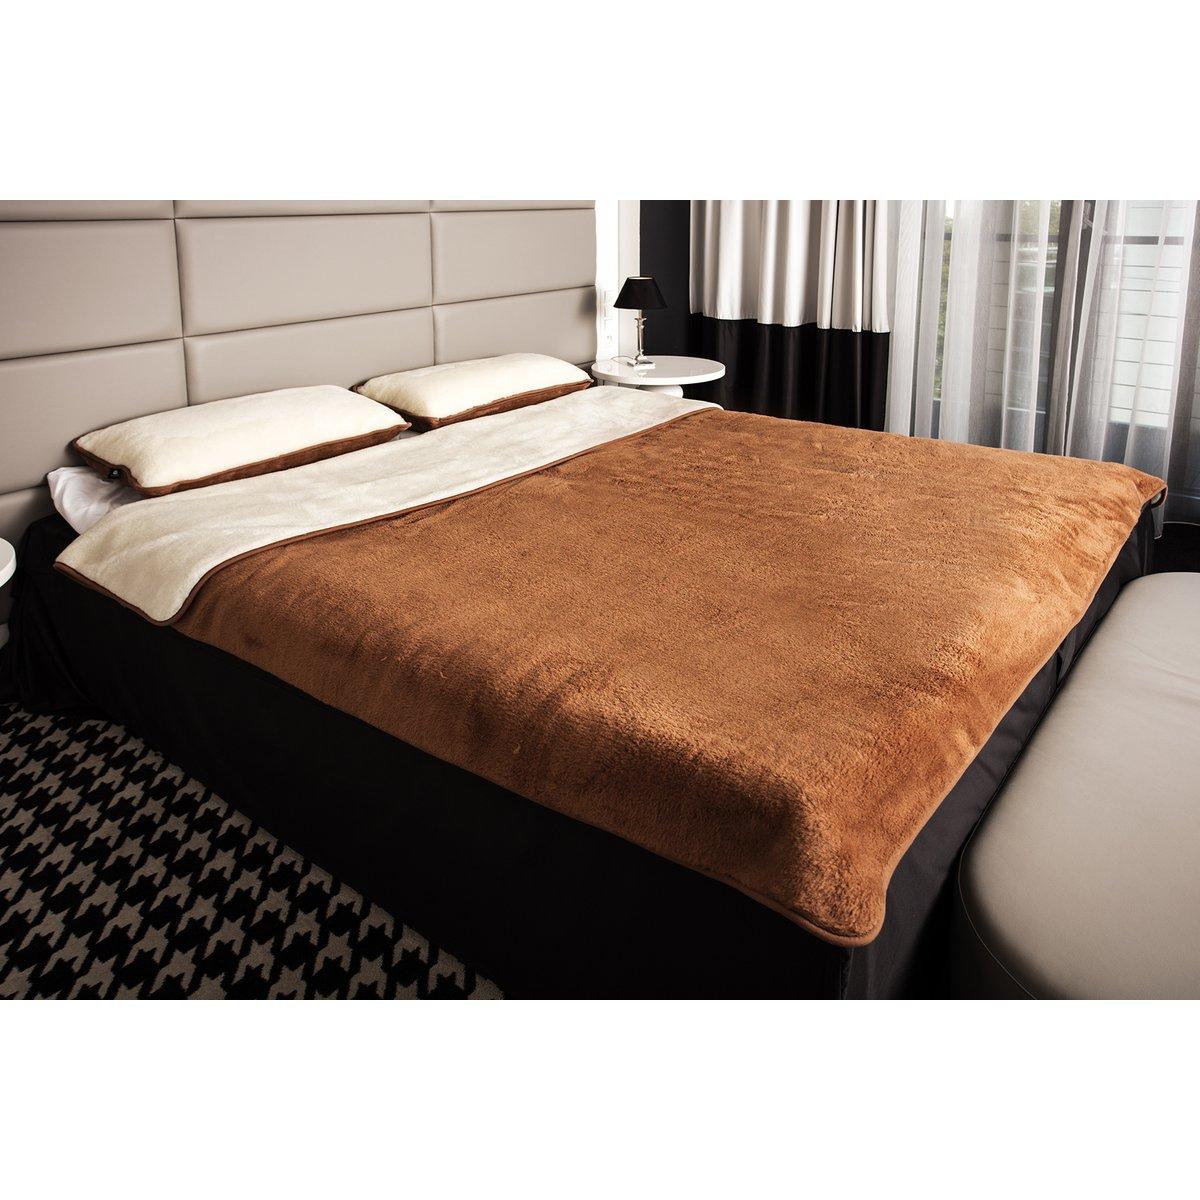 schafschurwolle bettdecke kissen schaf wolle decke schurwolle100 mer 179 90. Black Bedroom Furniture Sets. Home Design Ideas